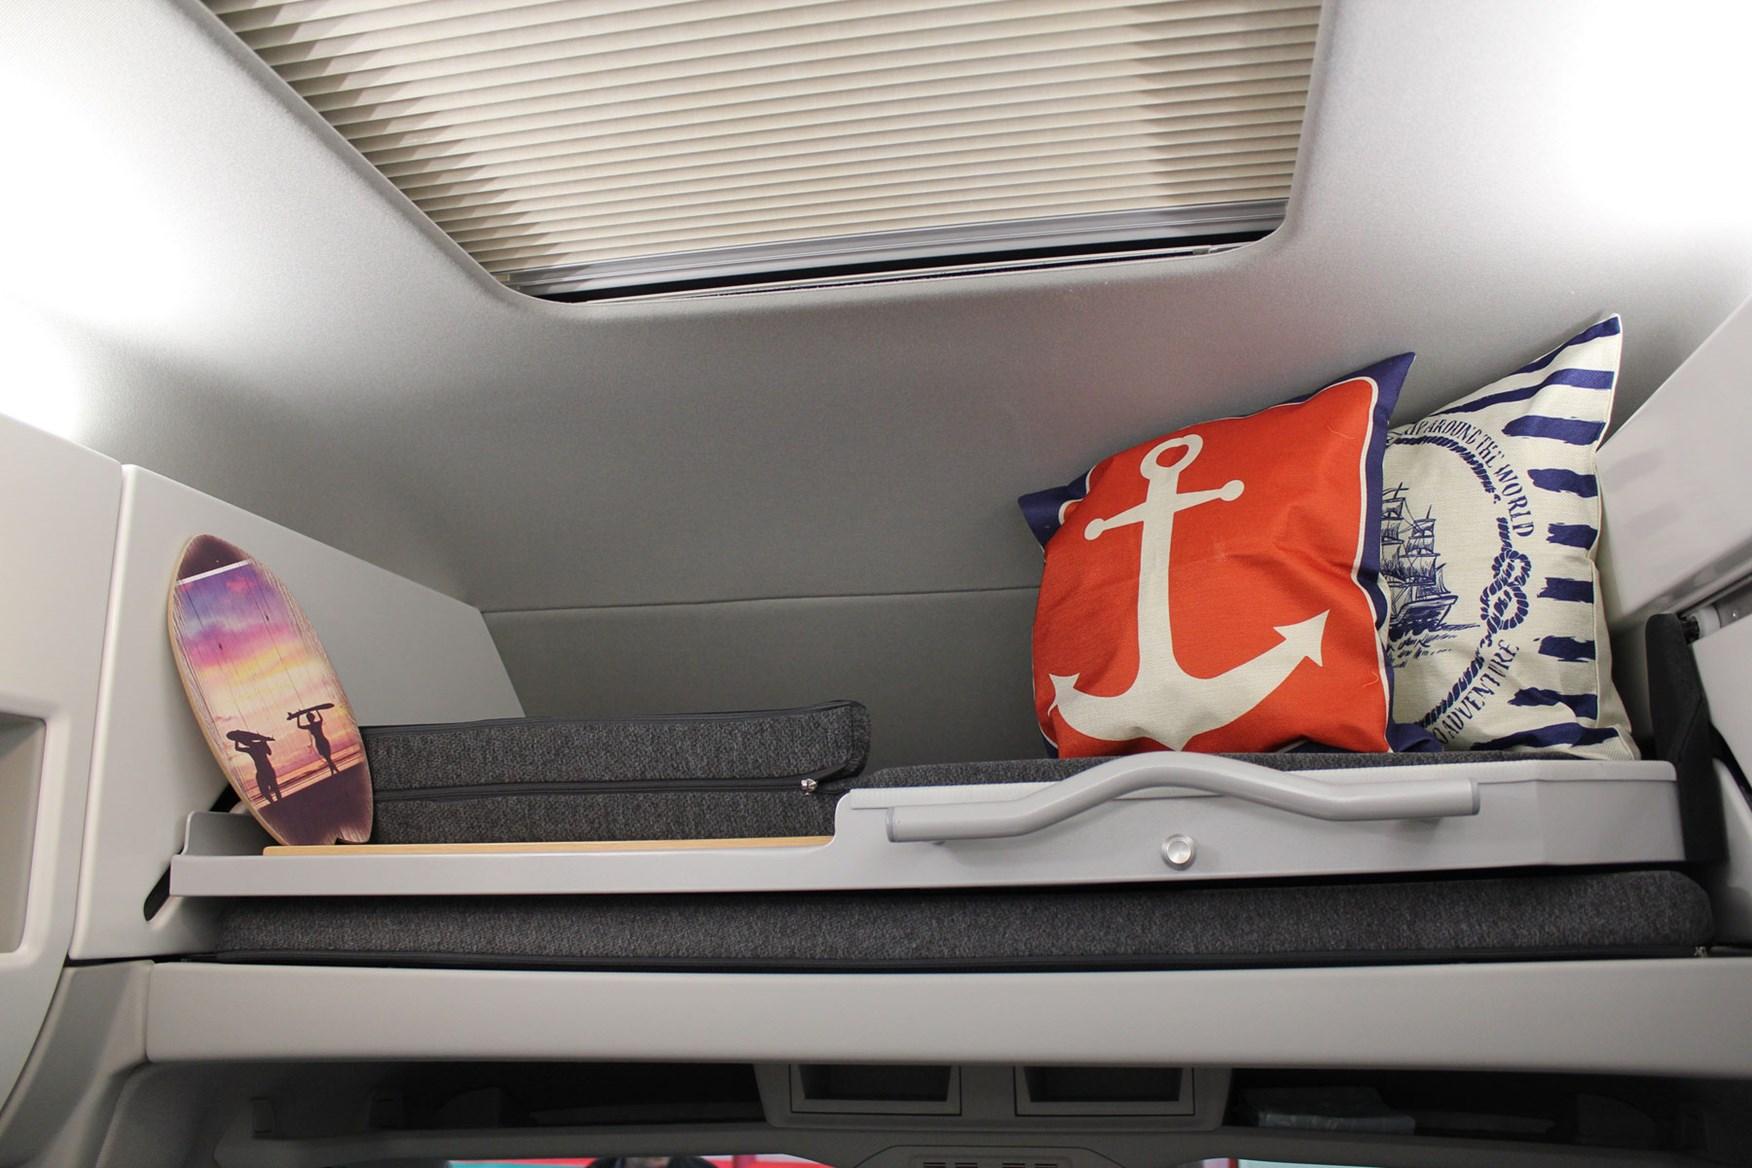 Volkswagen Grand California campervan makes UK debut - full